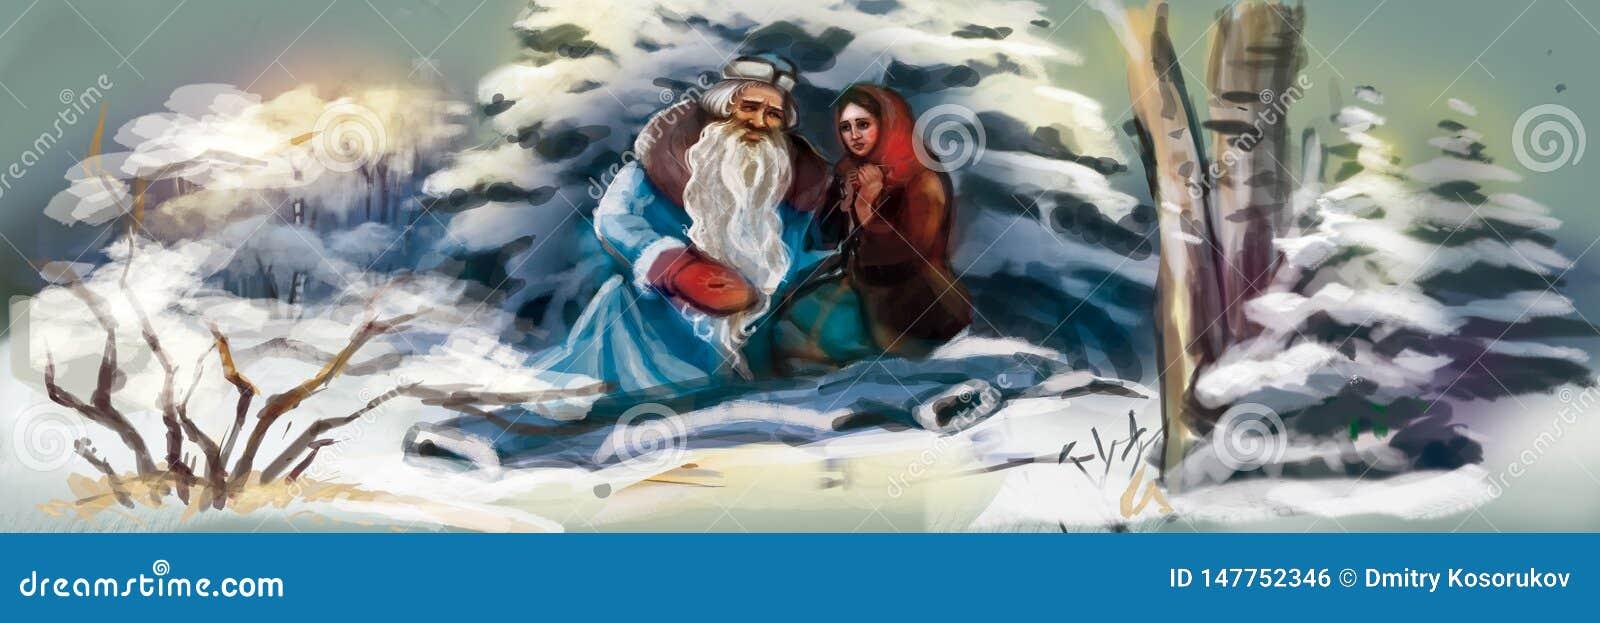 Santa Claus mit einem Mädchen im Winterwald